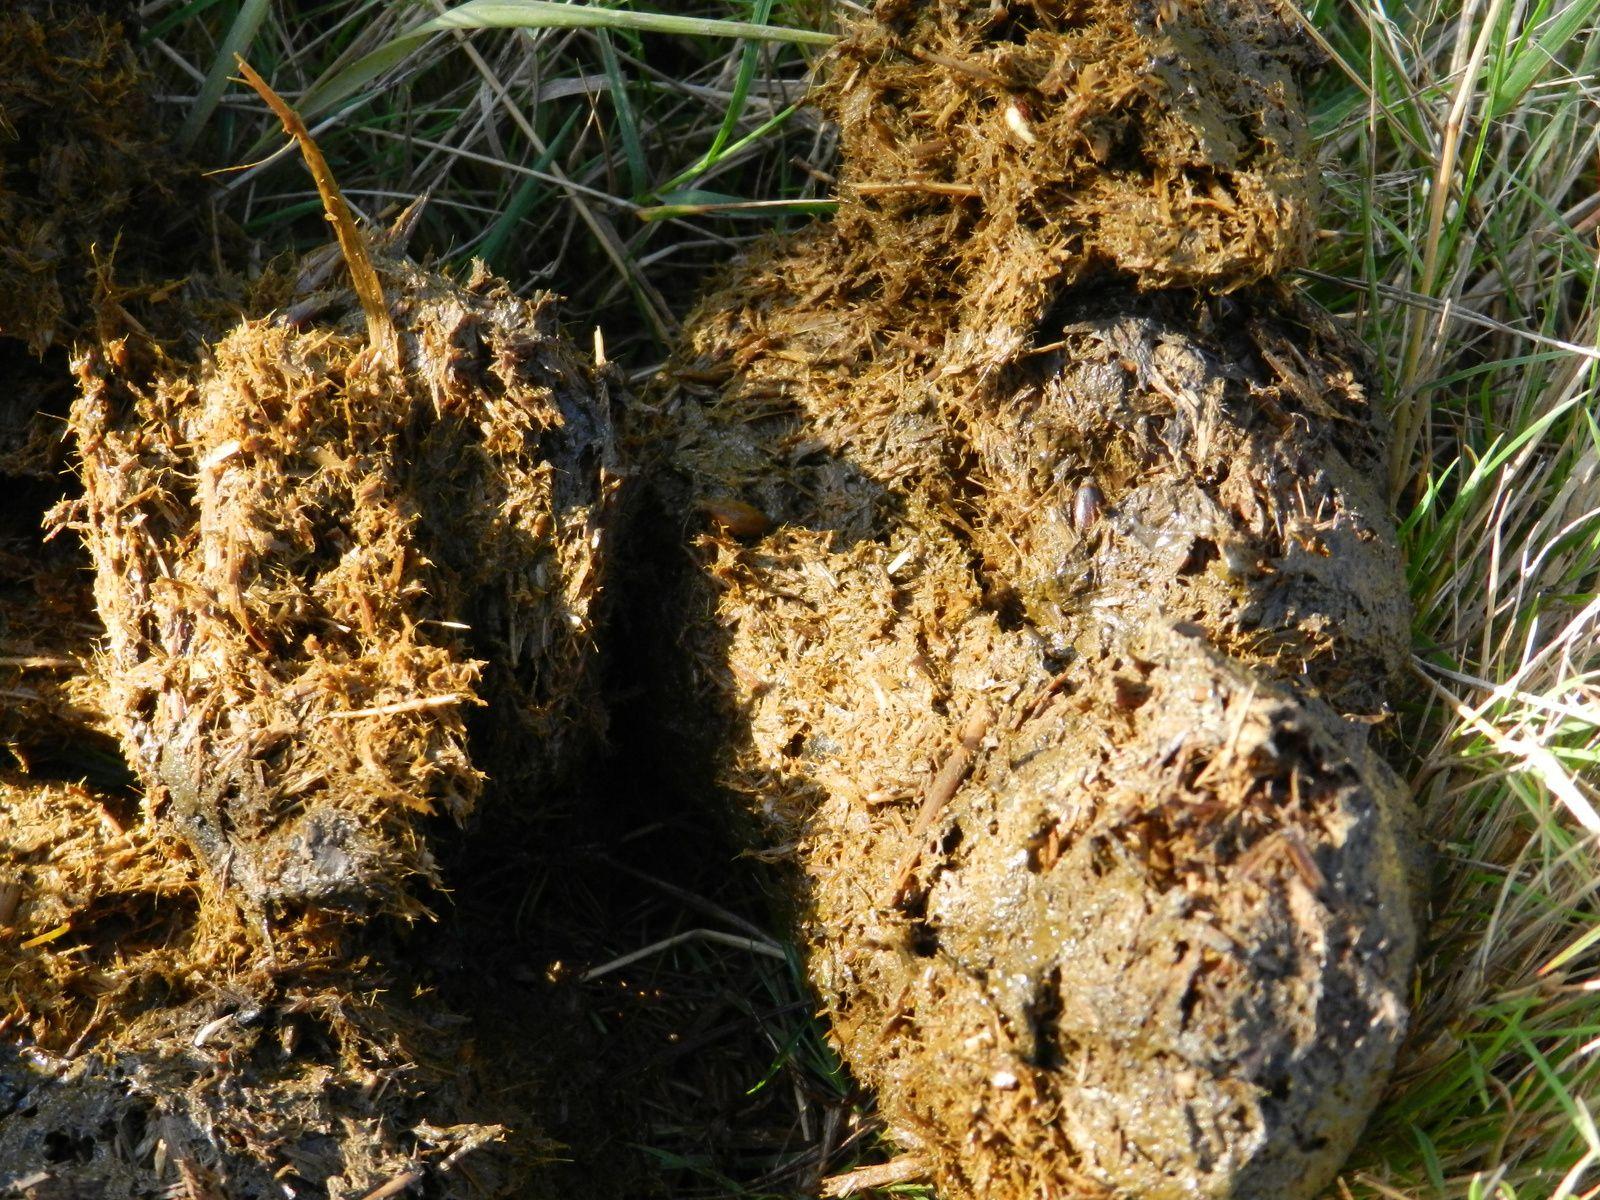 L'indigestible se retrouve dans les crottins. Techniques d'élevage. Tous droits réservés